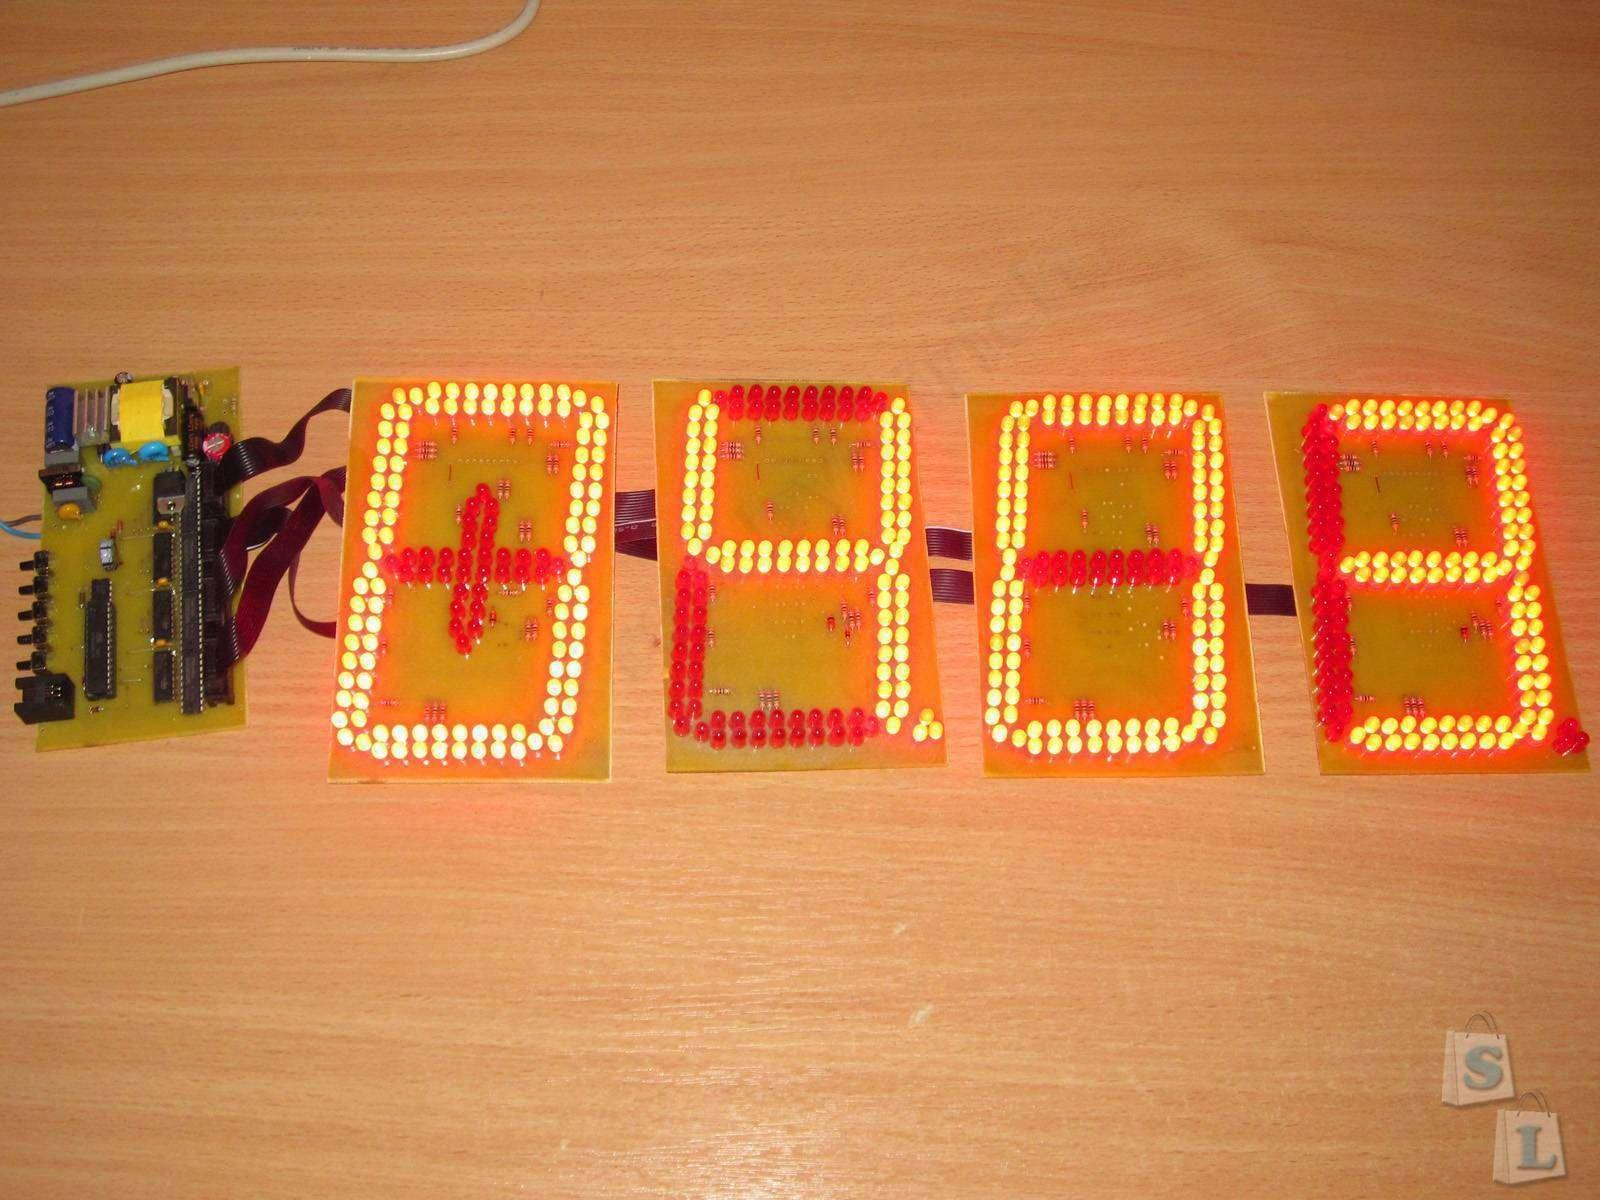 Aliexpress: Светодиодная RGB панель или мое первое знакомство с 'бегущей строкой'